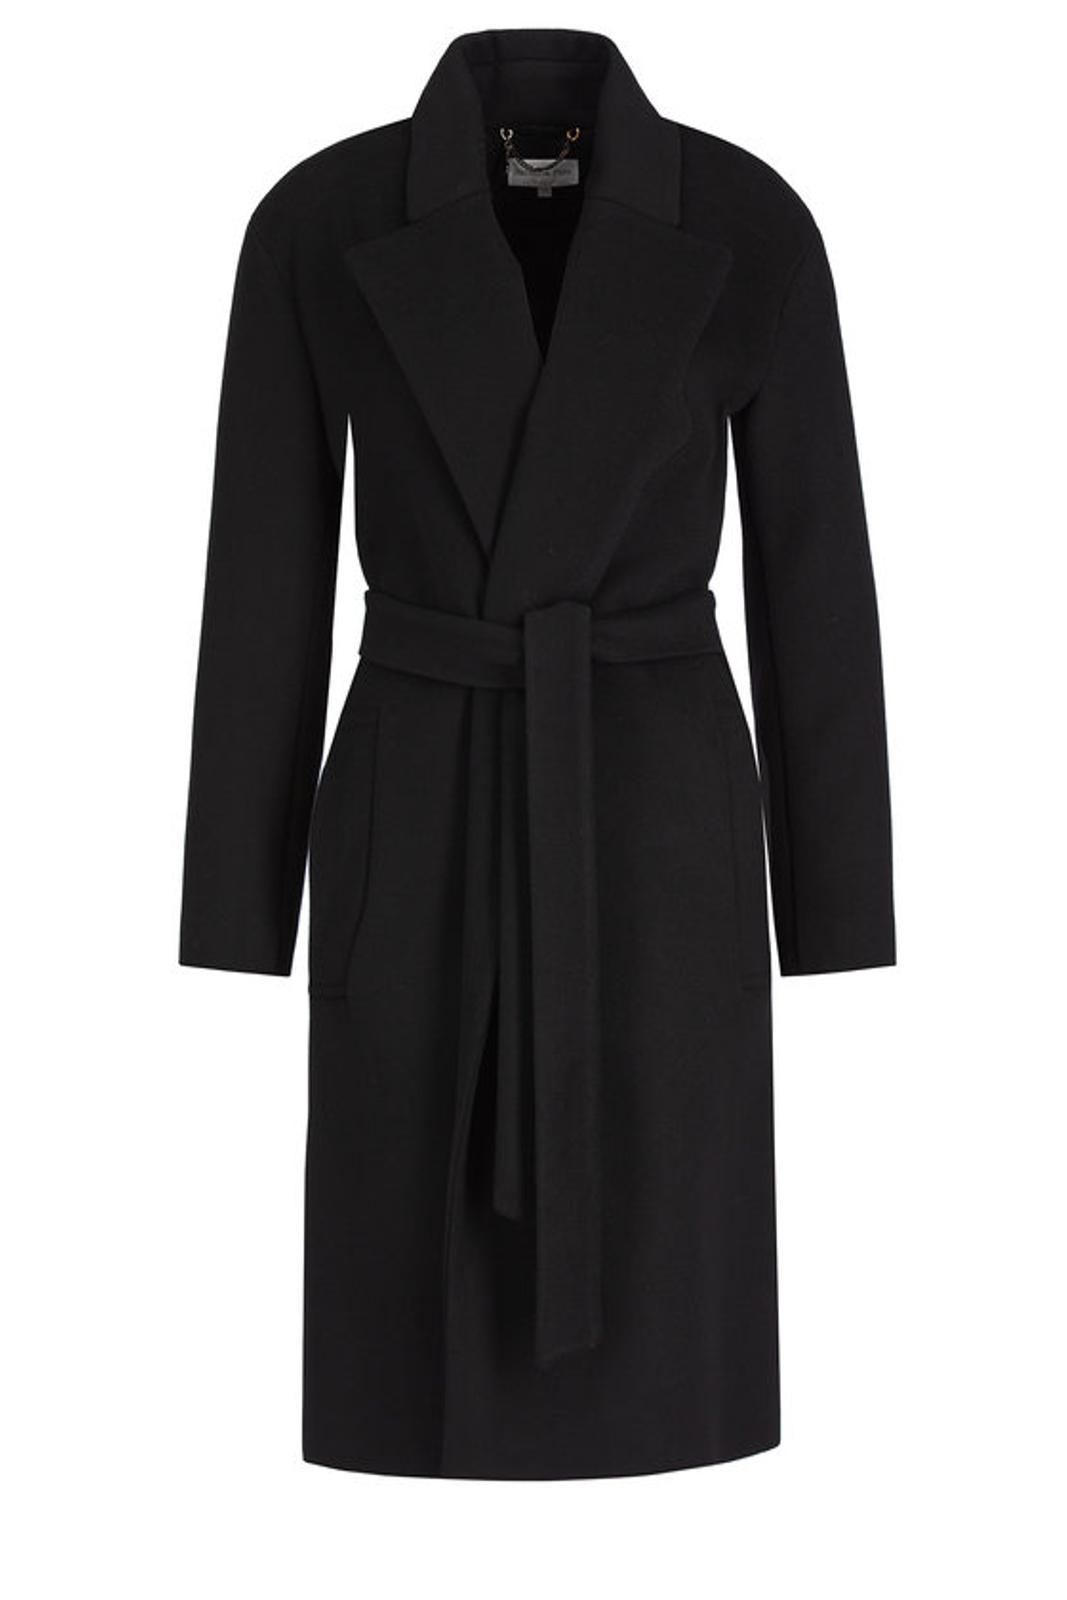 Un classico ormai per ogni outfit invernale: il cappotto. In questo caso Patrizia Pepe propone un modello chic, dallo stile classico e alla moda, perfetto per uttte le occasioni che si presentino, dal lavoro, alle uscite glamour. Per la donna che ama gli evergreen.